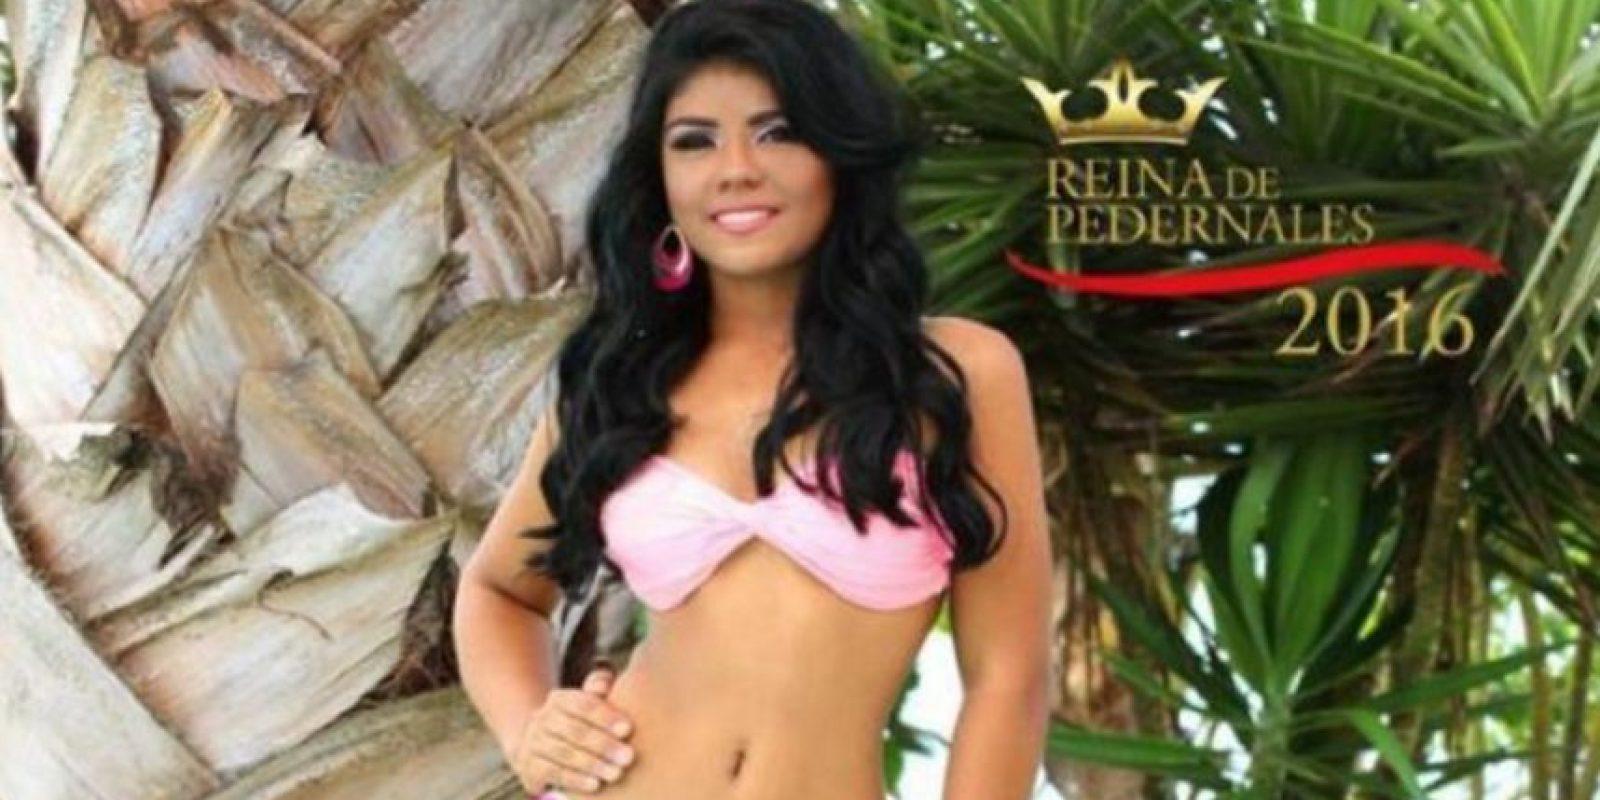 La joven falleció Foto:Vía facebook.com/Reina-de-Pedernales-2016